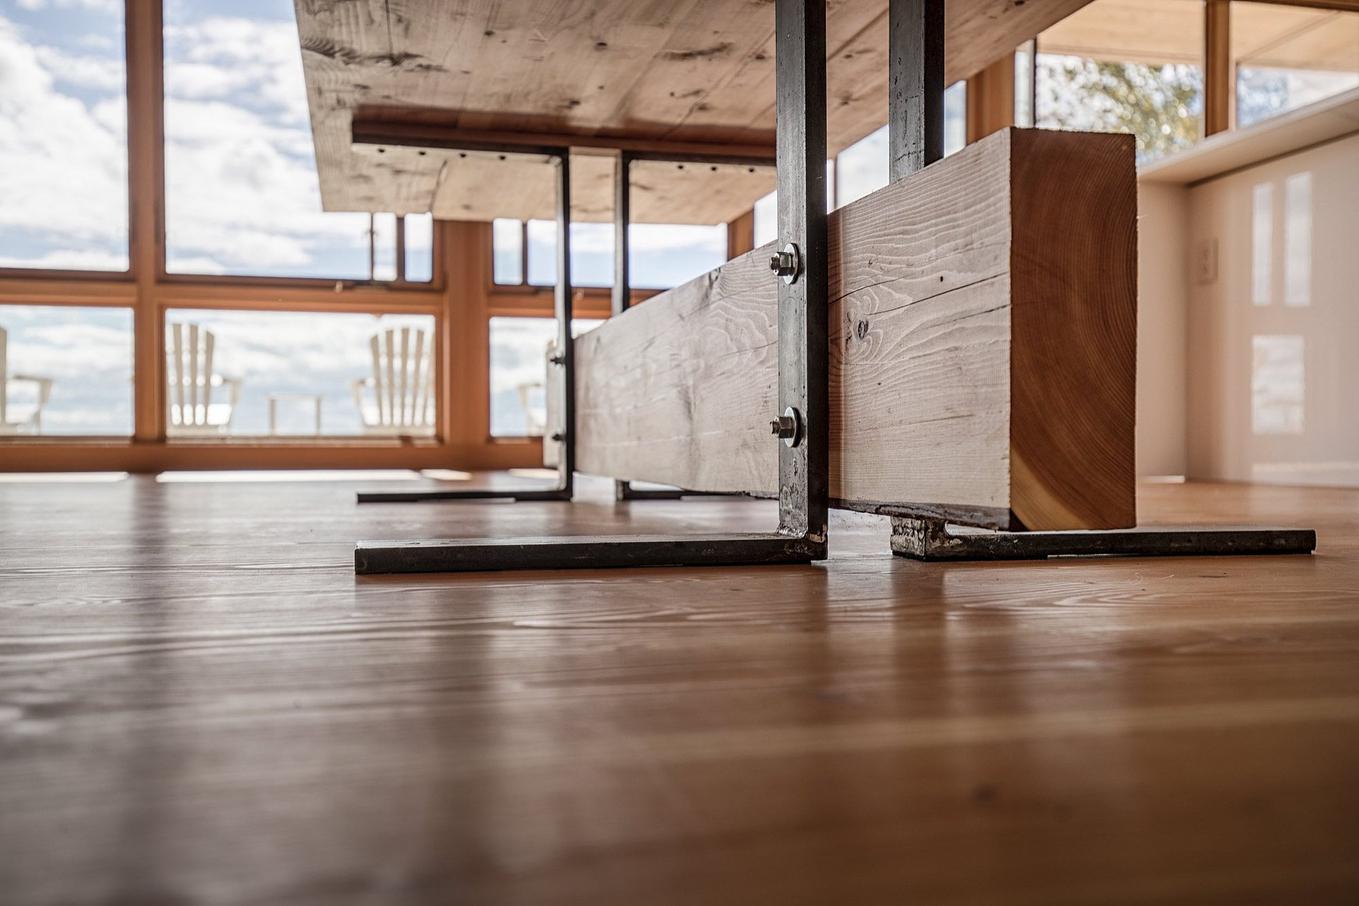 beach-house-cibinel-architecture-gessato-10